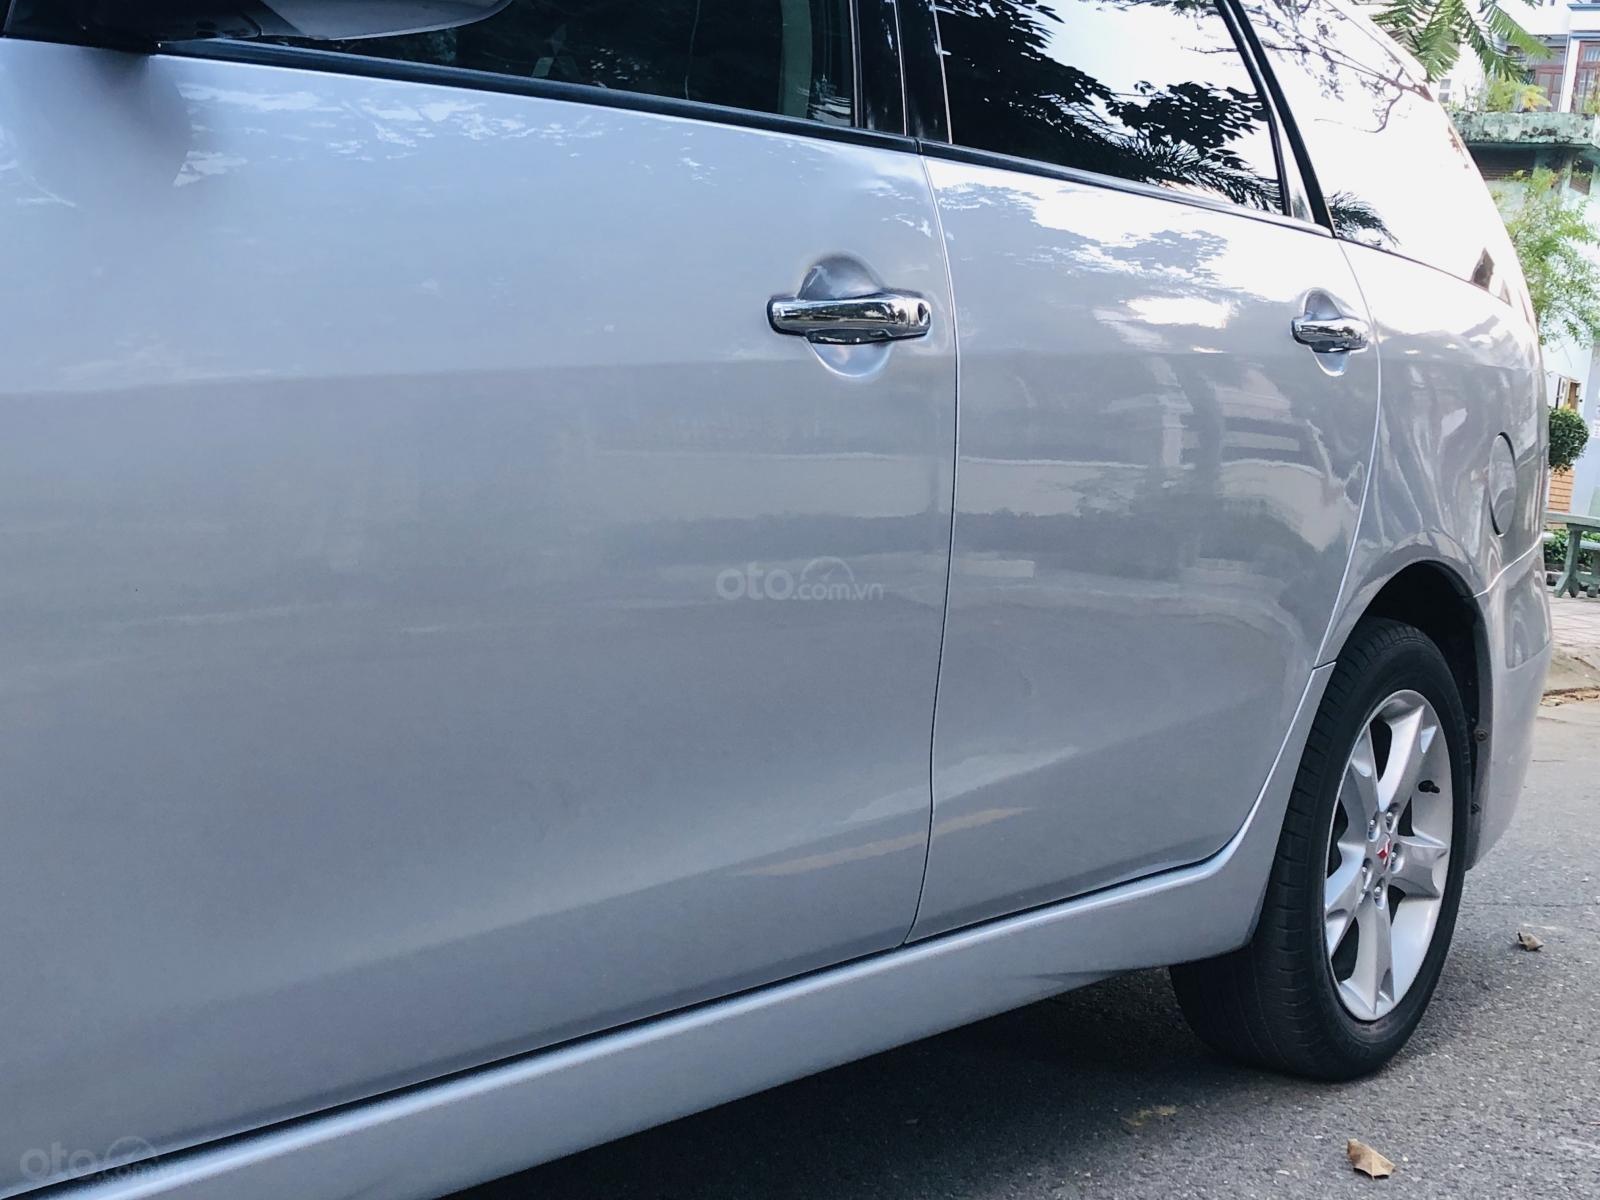 Mitsubishi Grandis 8/2010 xe cực chất, đẹp long lanh (18)